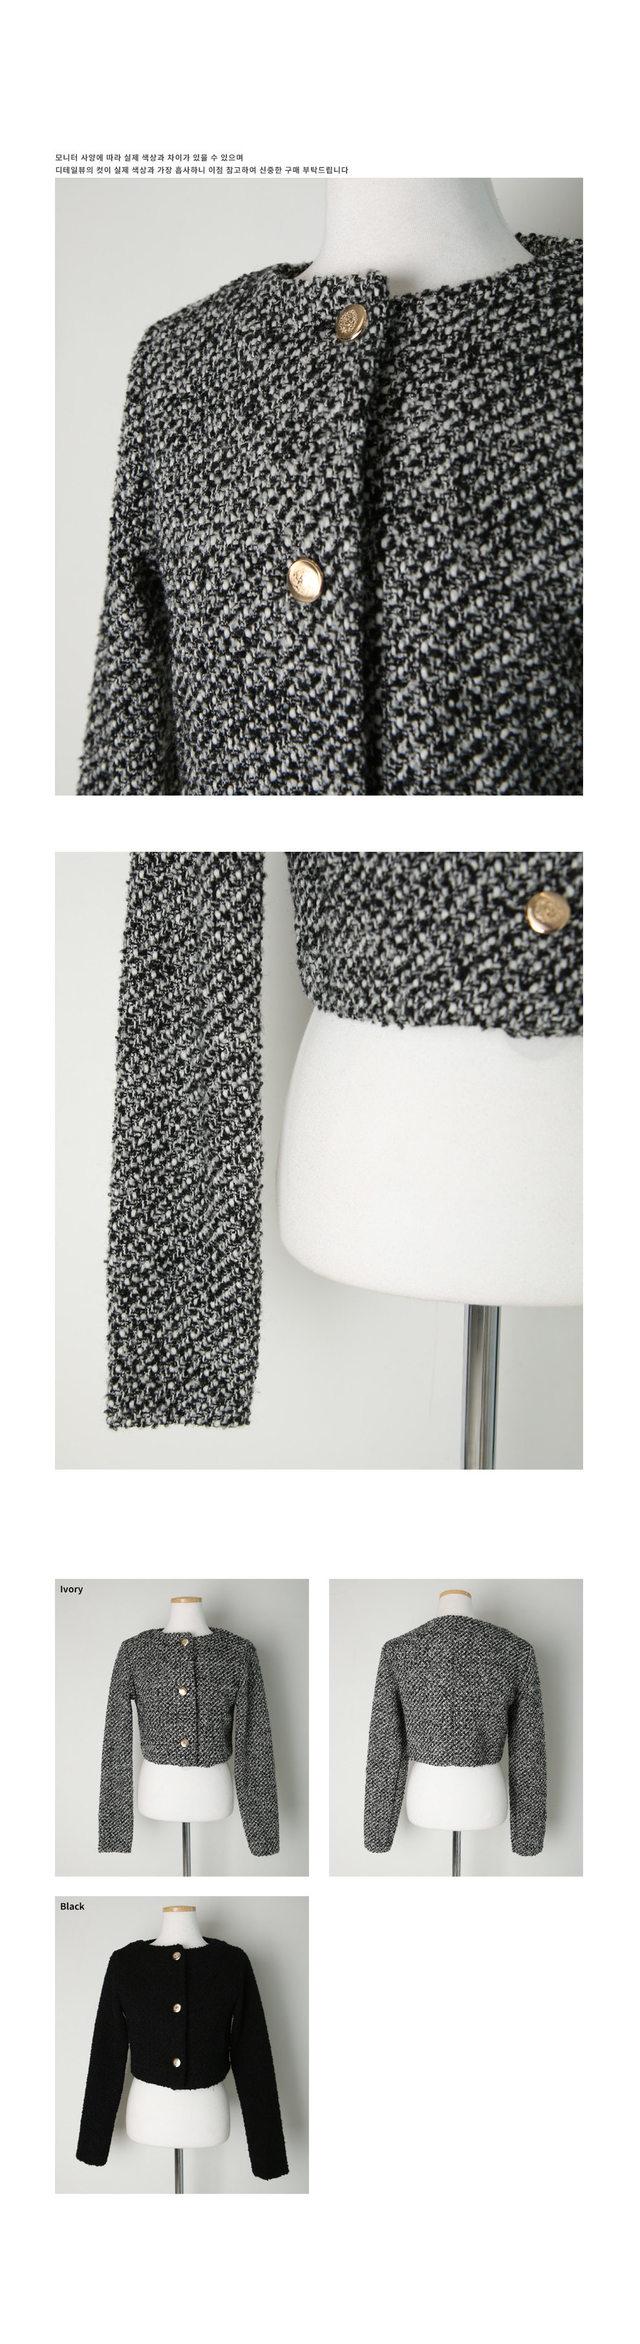 Novelty tweed short jacket